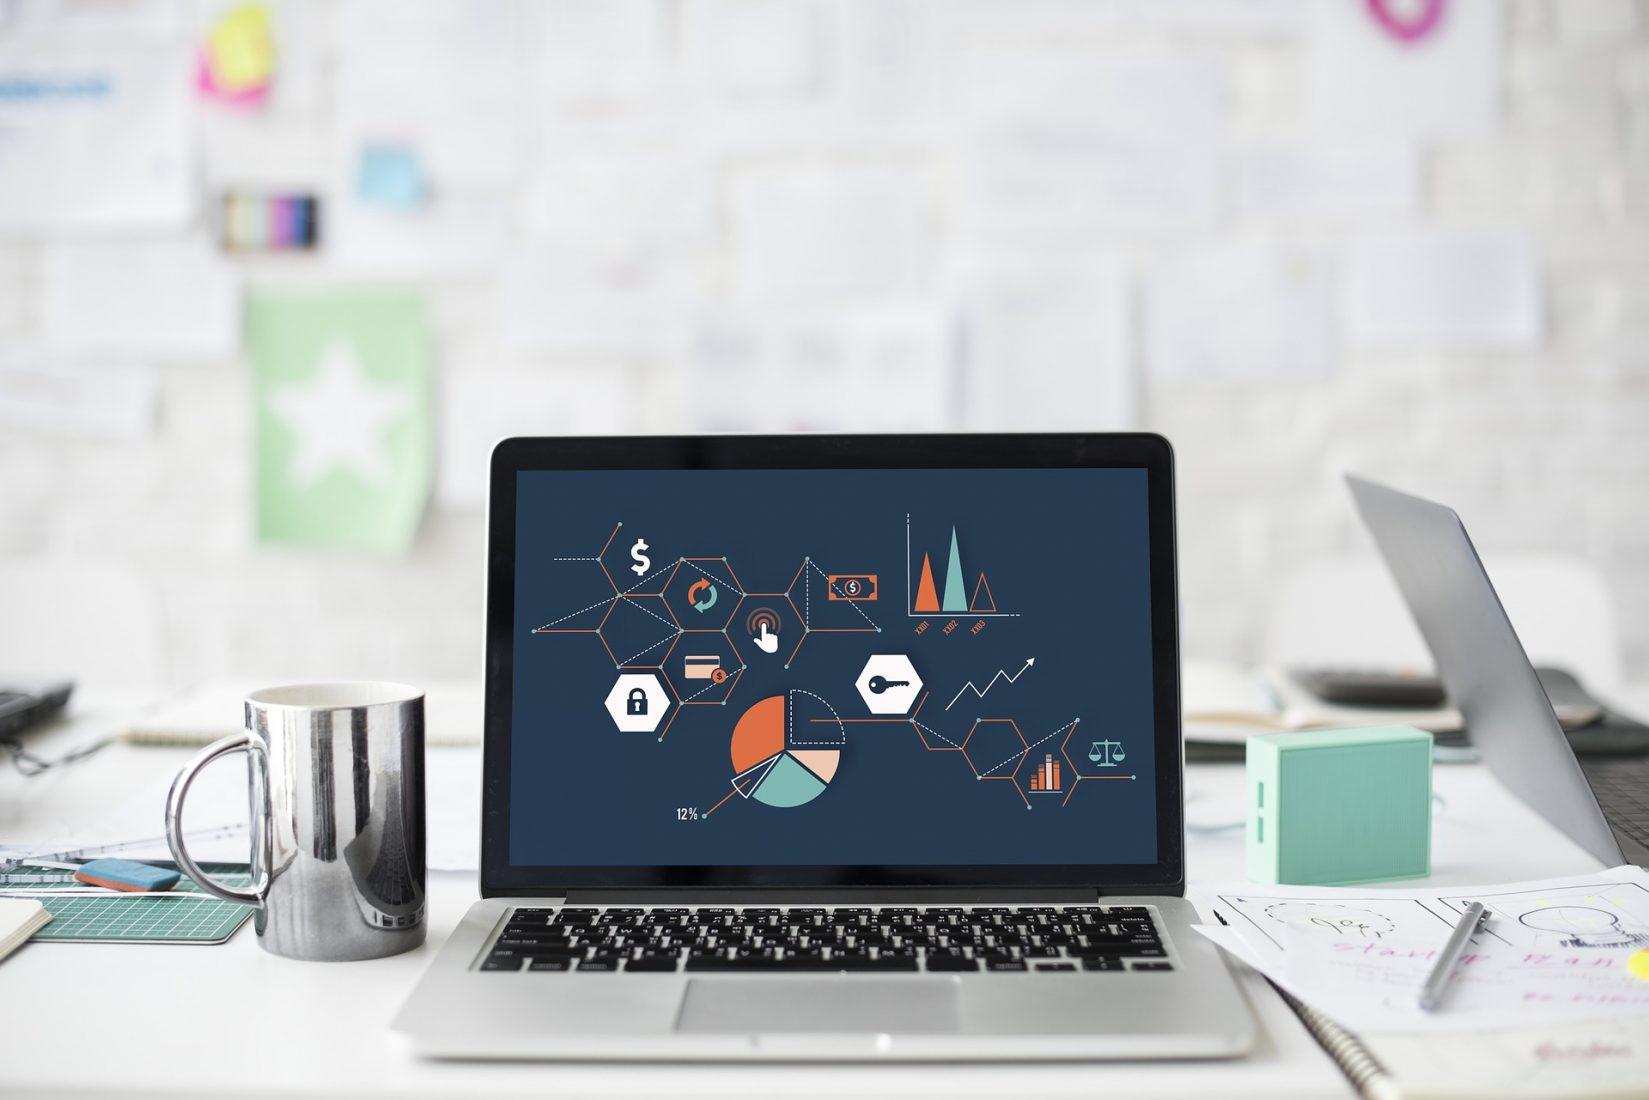 Kaufleute für Büromanagement übernehmen meist verwaltend-organisatorische Tätigkeiten am Schreibtisch. Foto: Pixabay